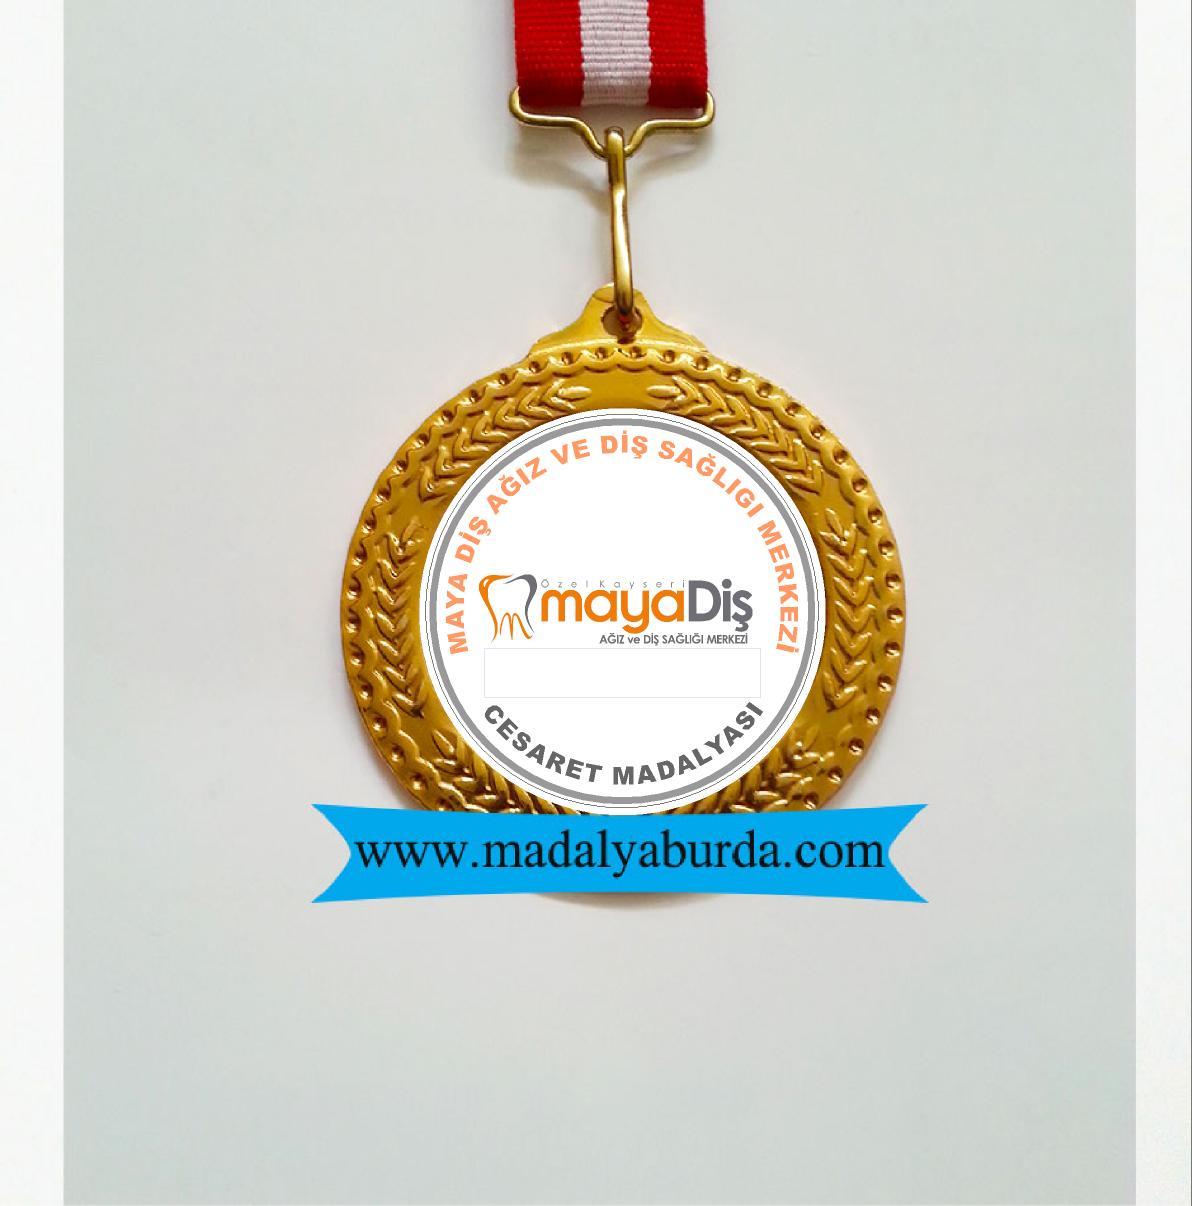 cesaret madalya örneği